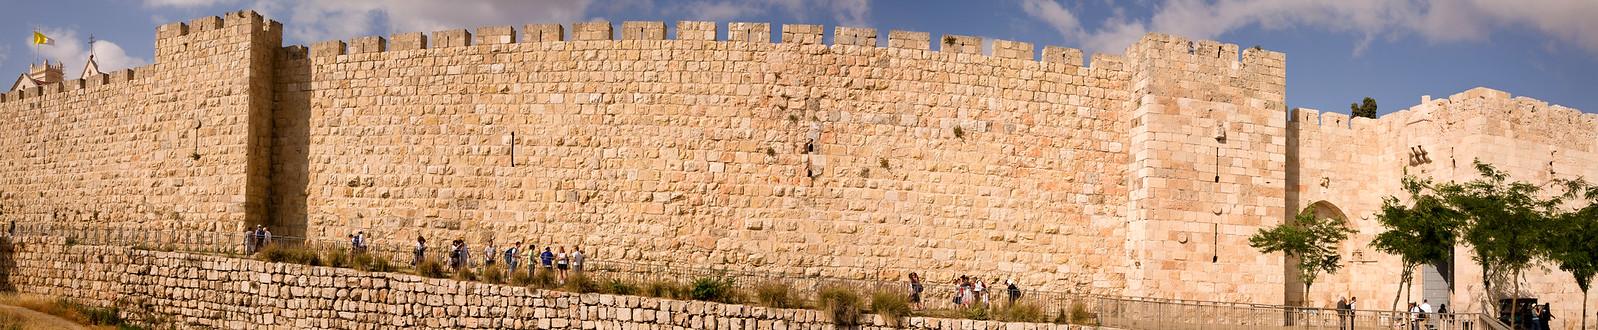 Jerusalem_Old City Walls_3_Noam Chen_Jerusalem